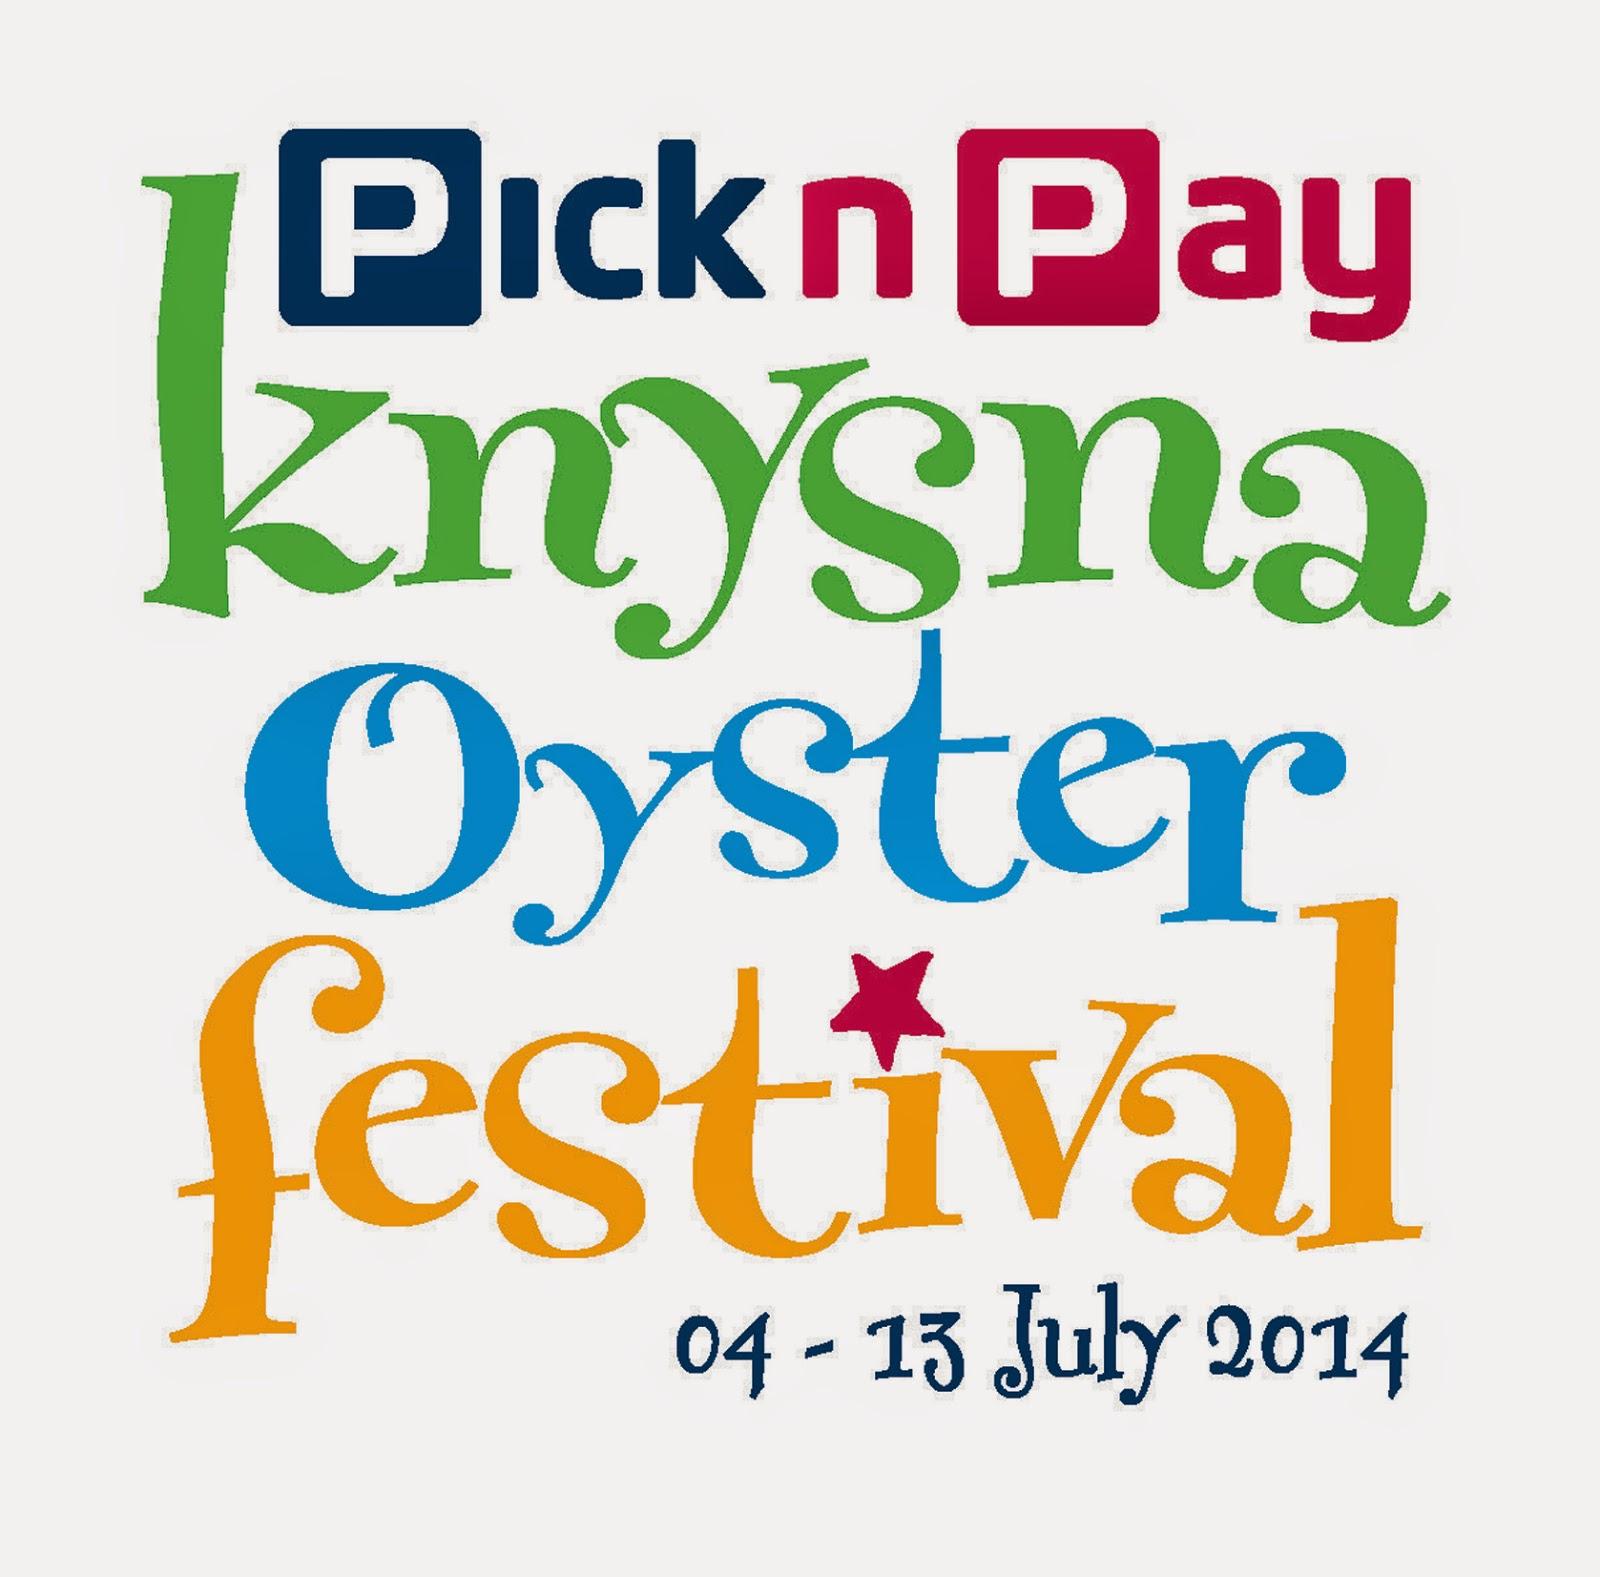 http://www.oysterfestival.co.za/